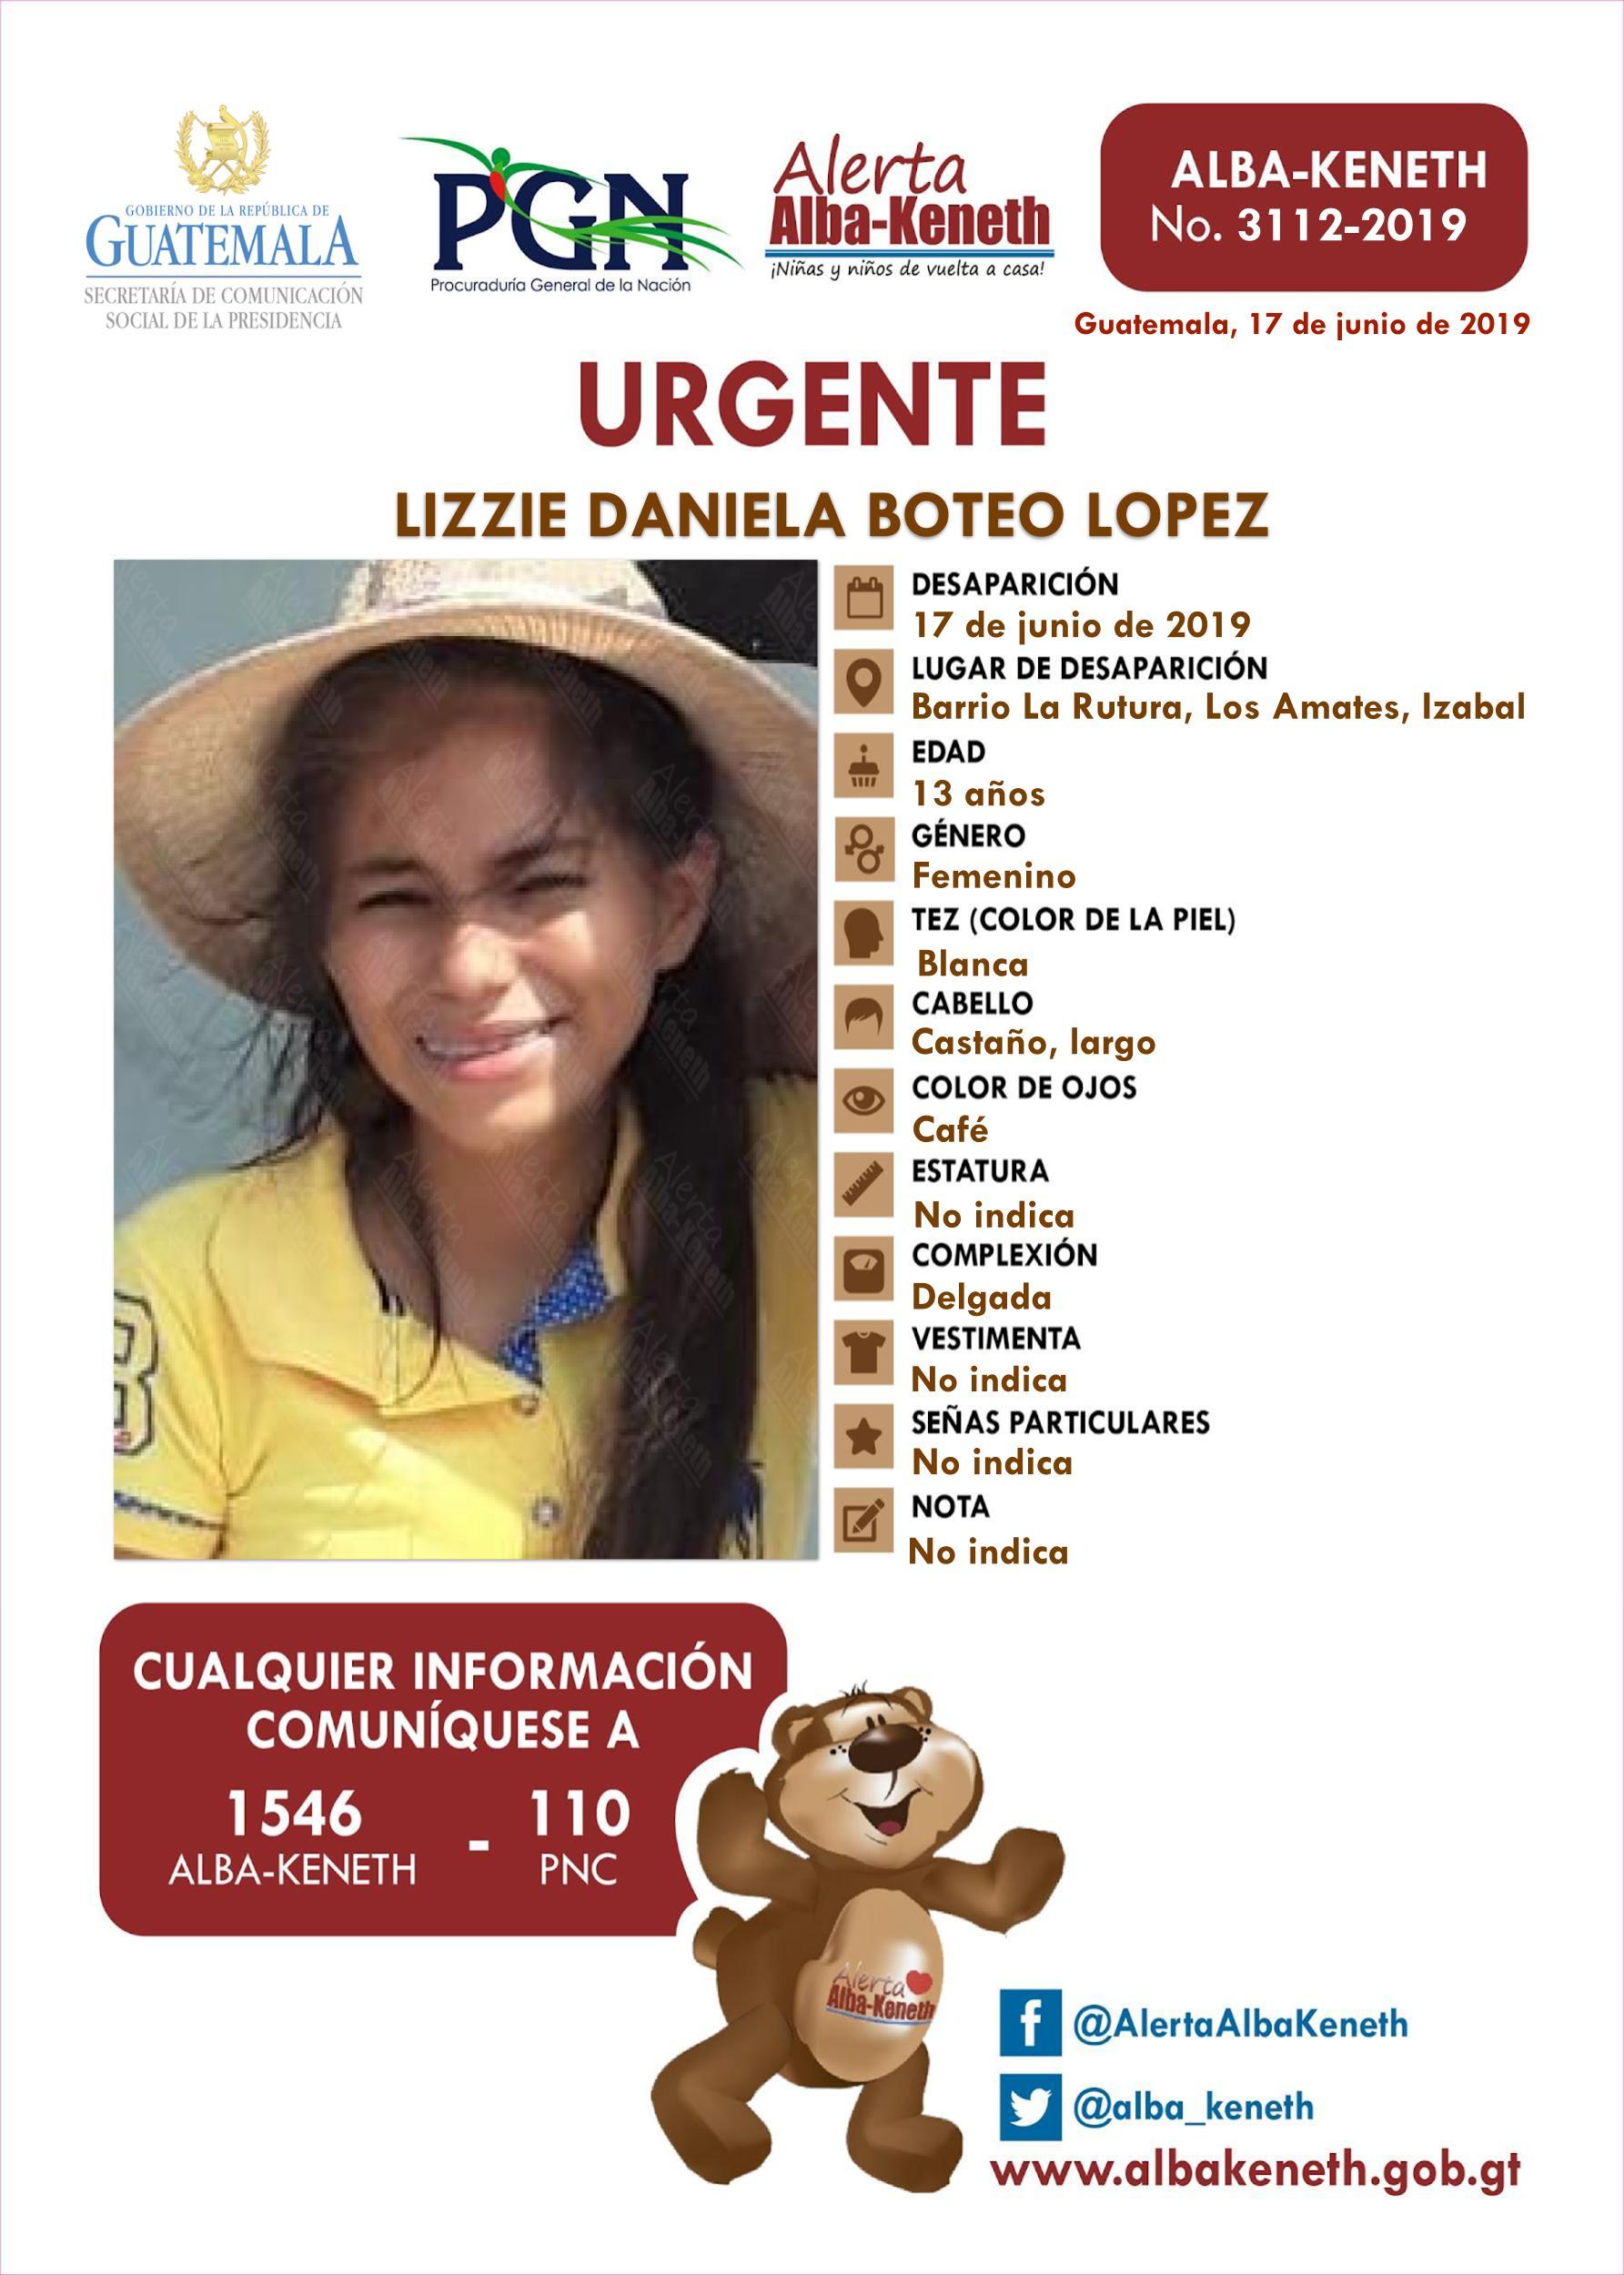 Lizzie Daniela Boteo Lopez